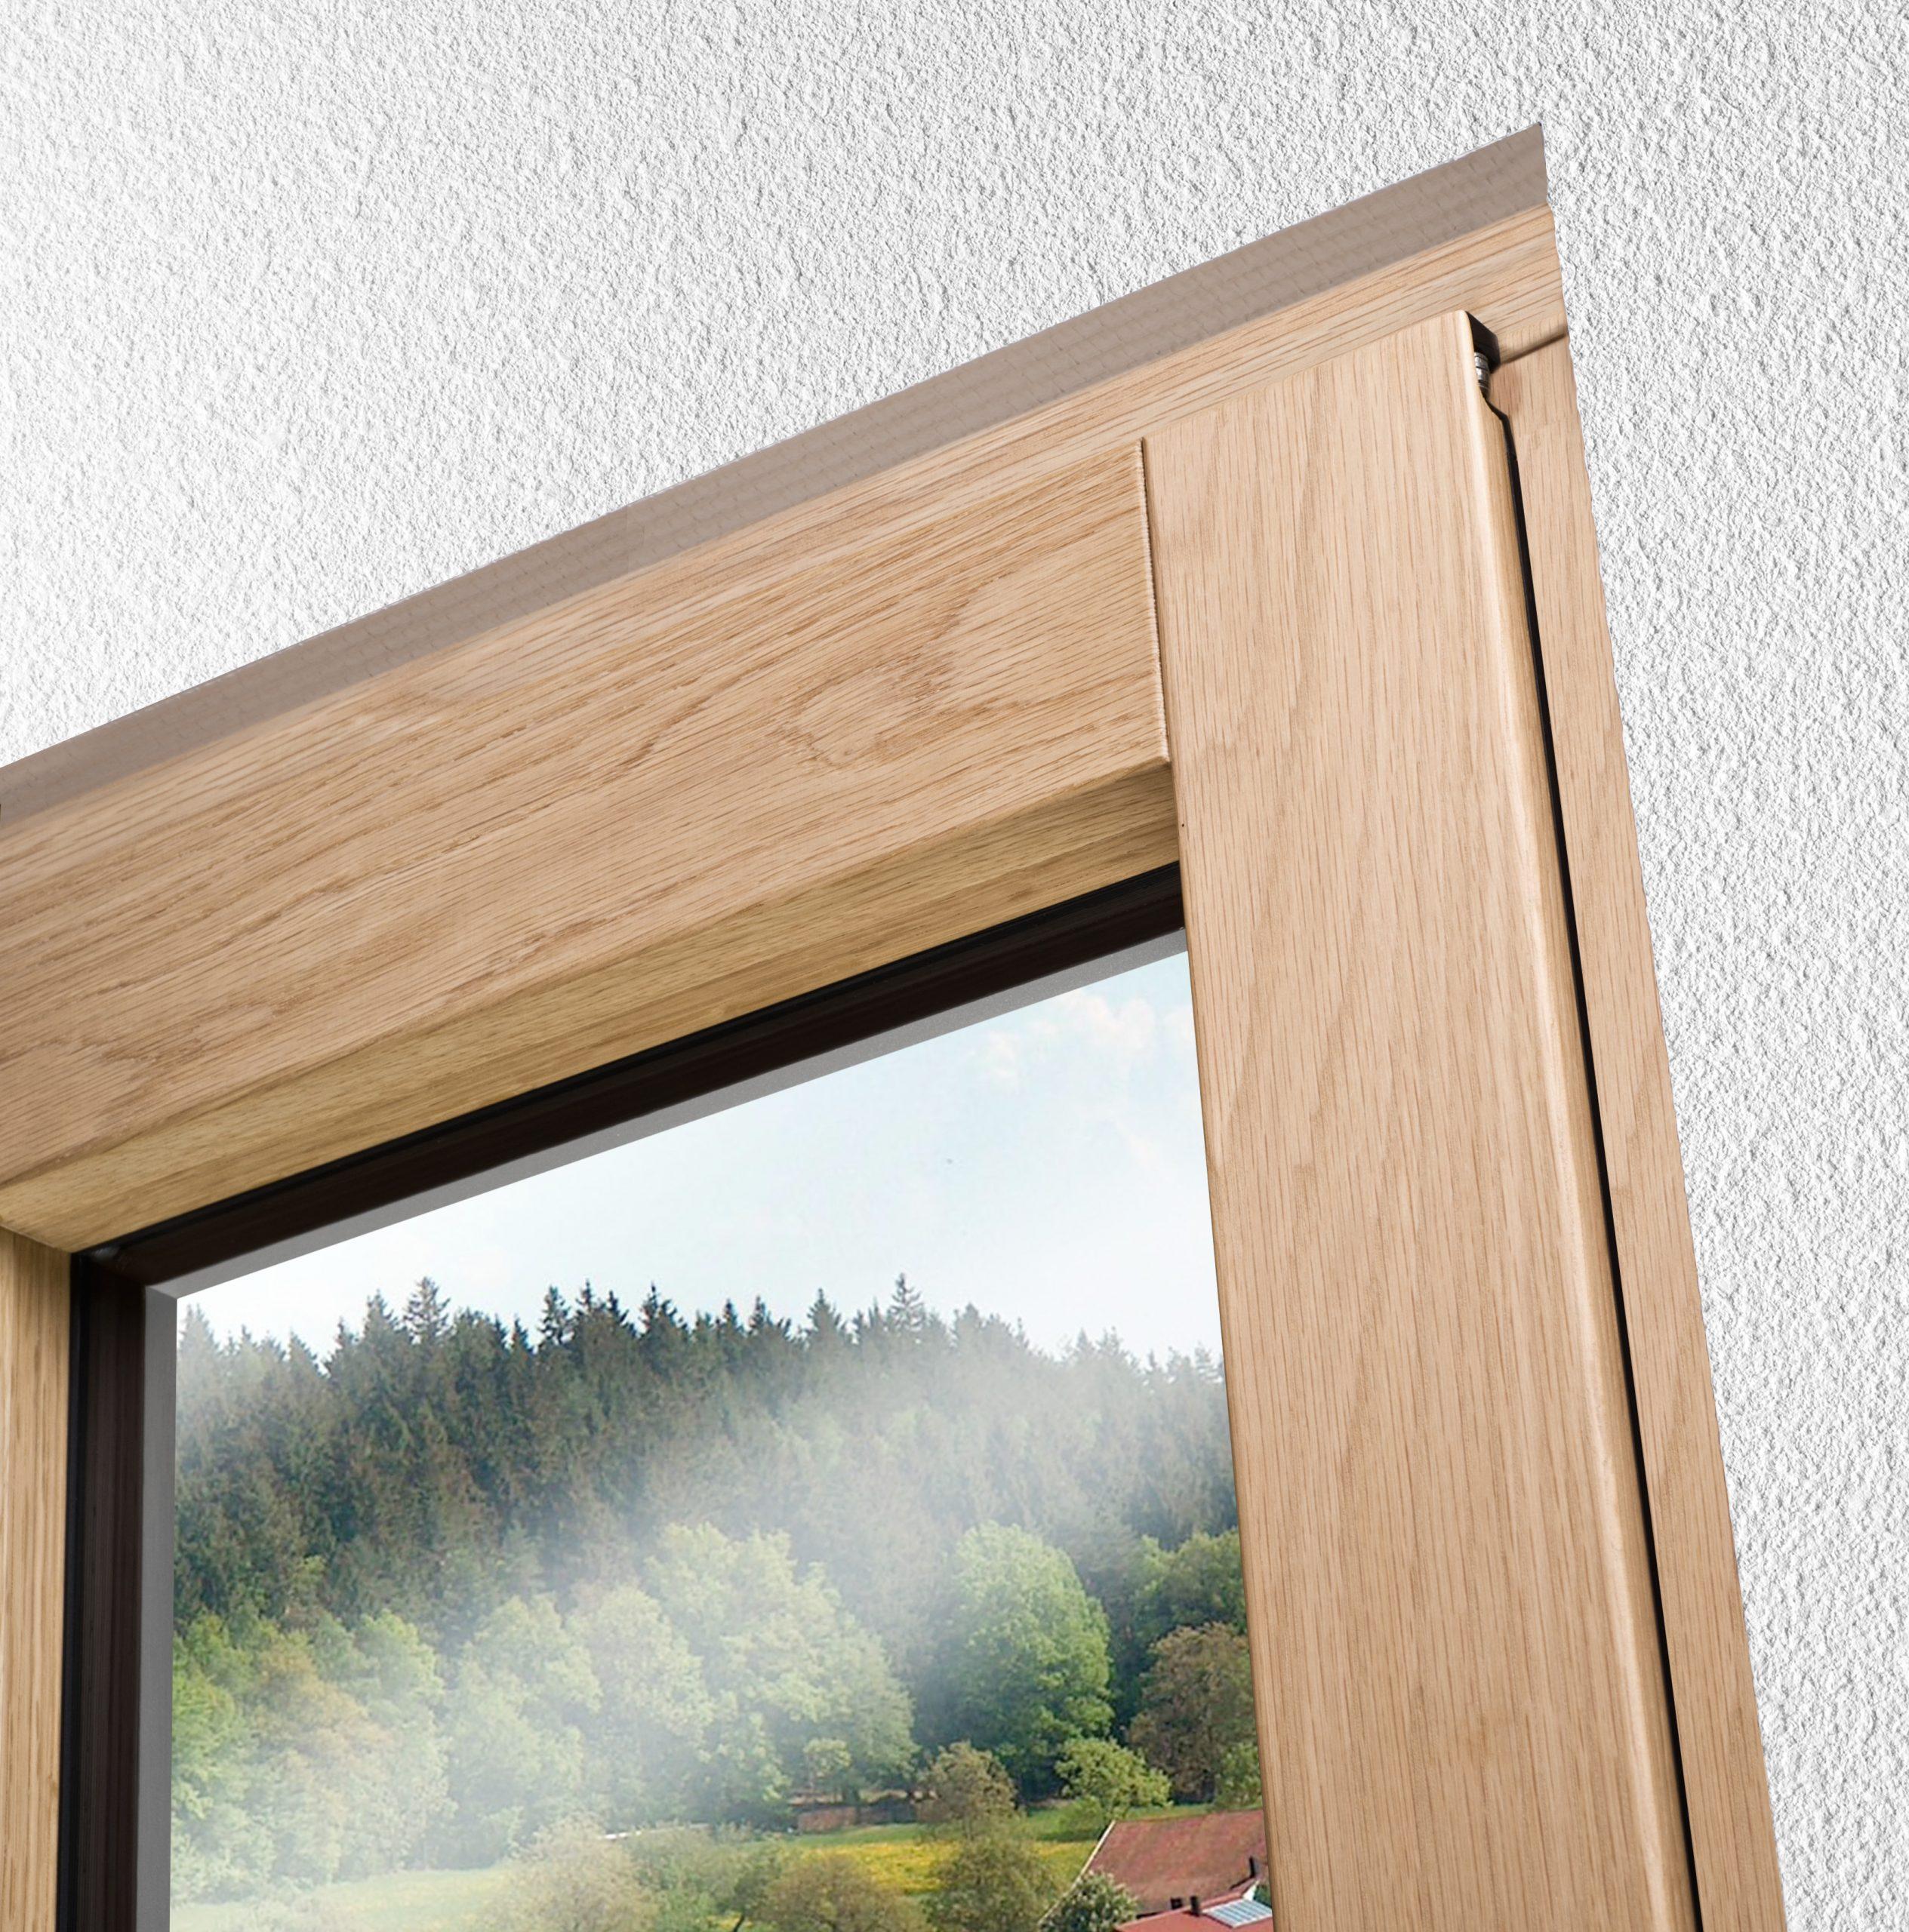 Full Size of Fenster Holz Alu Preisliste Aluminium Kosten Pro Qm Preis Preisvergleich Kunststoff Oder Preise Kaufen Standard Dpfner Und Kompetenz Im Haustr Fenster Fenster Holz Alu